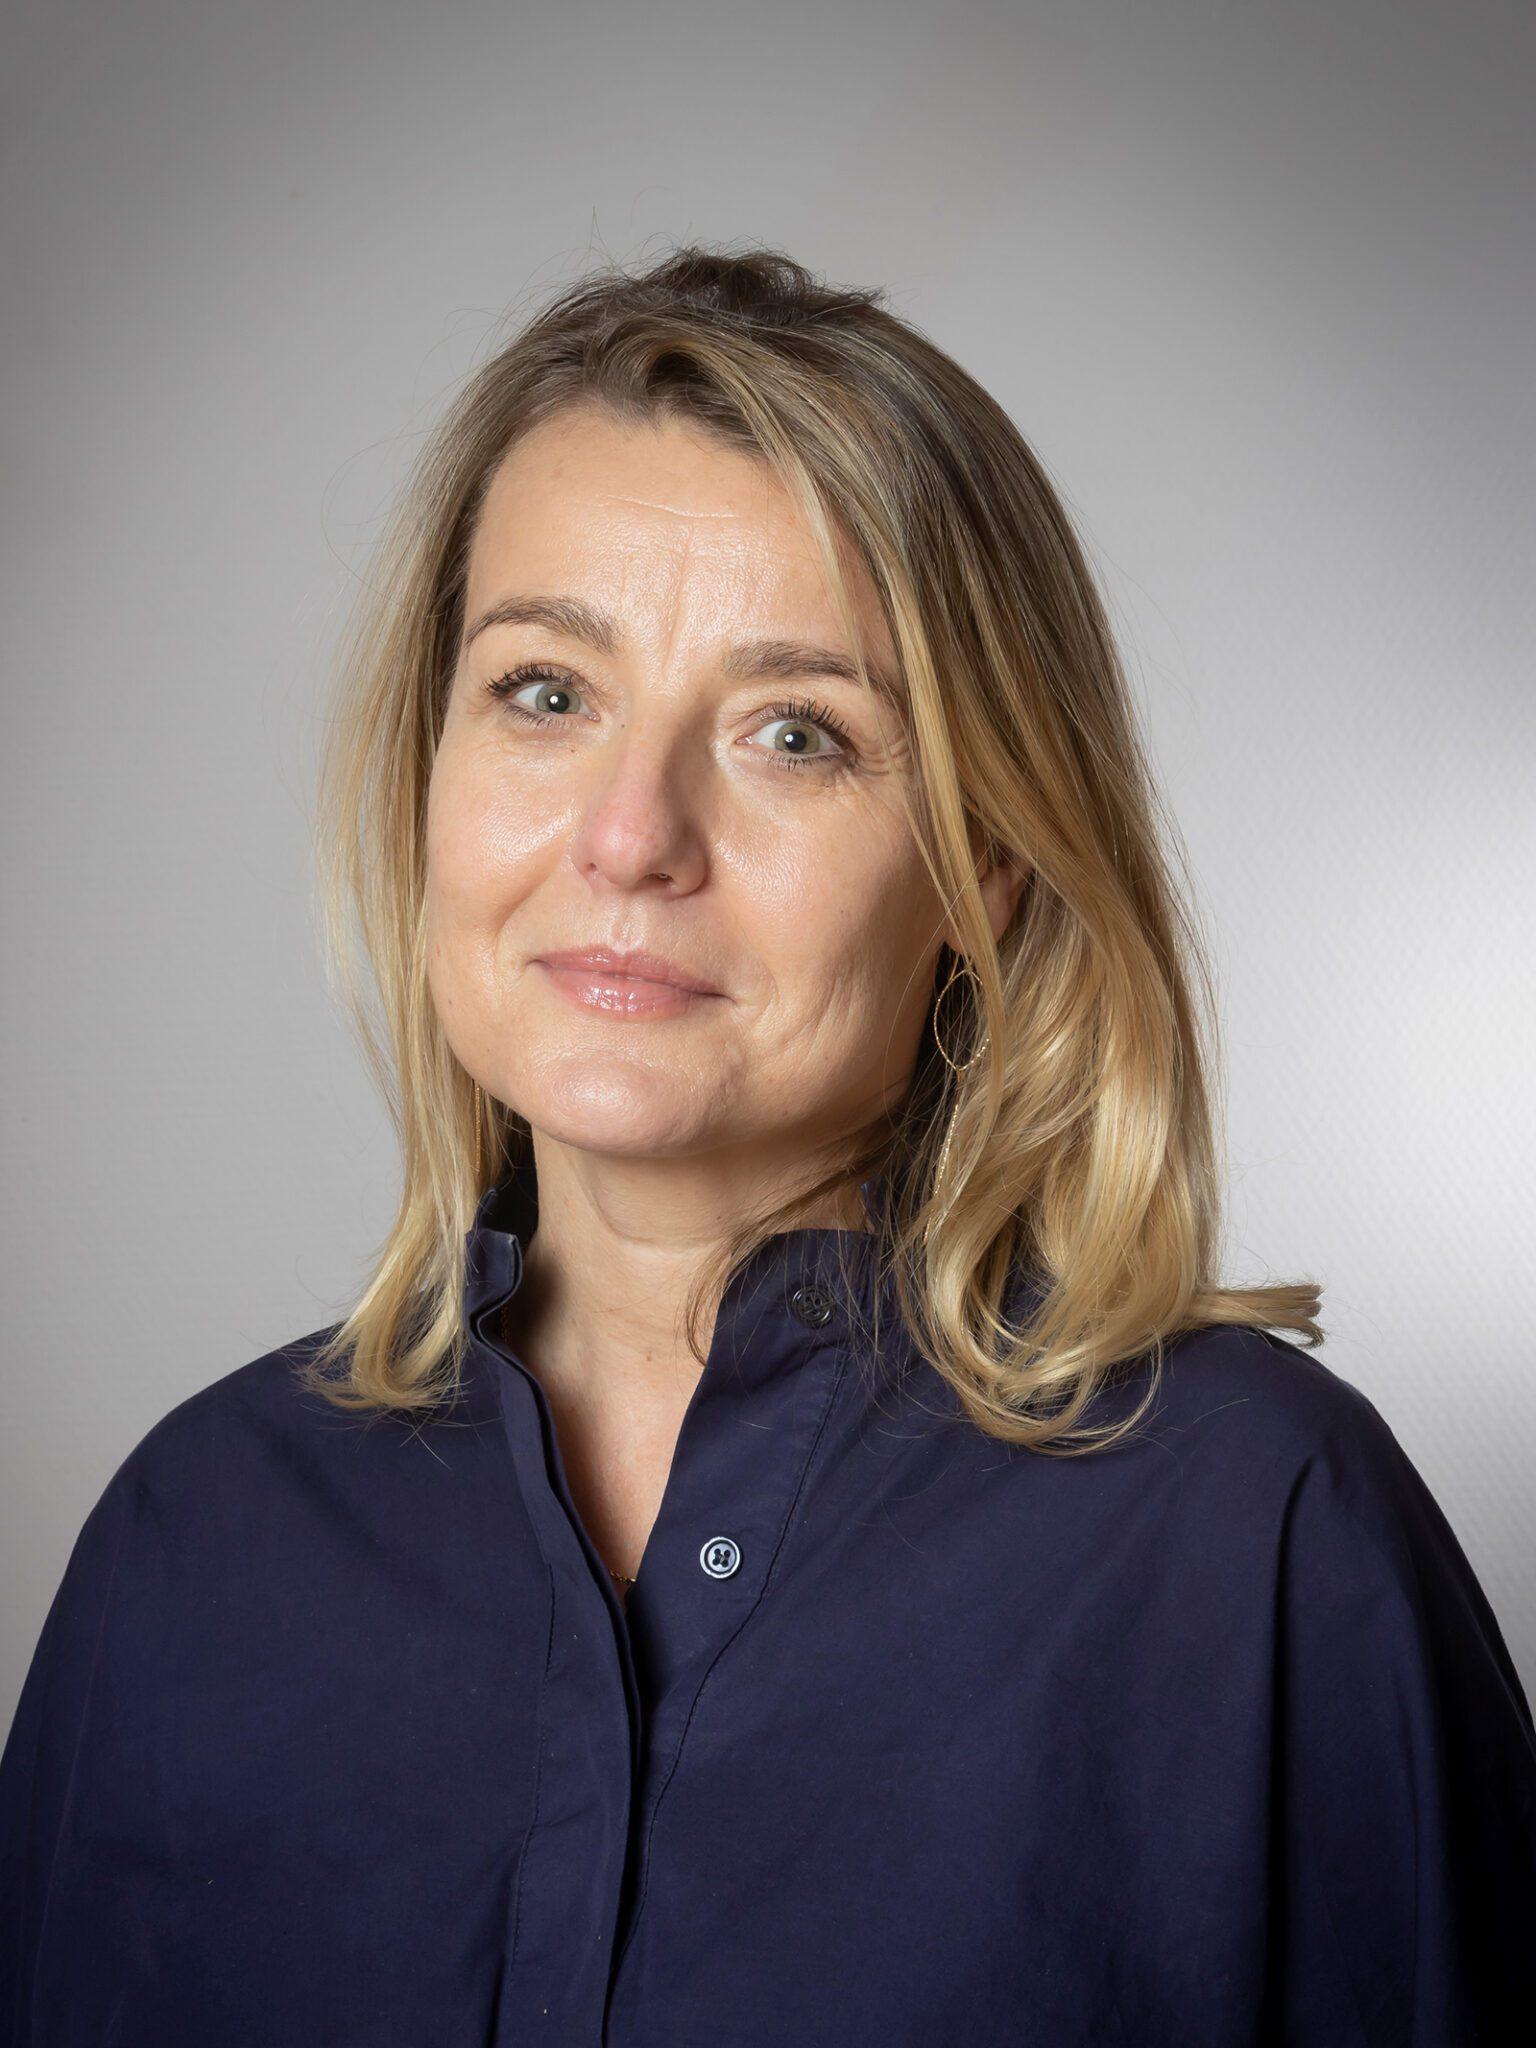 Fiona Tuomey